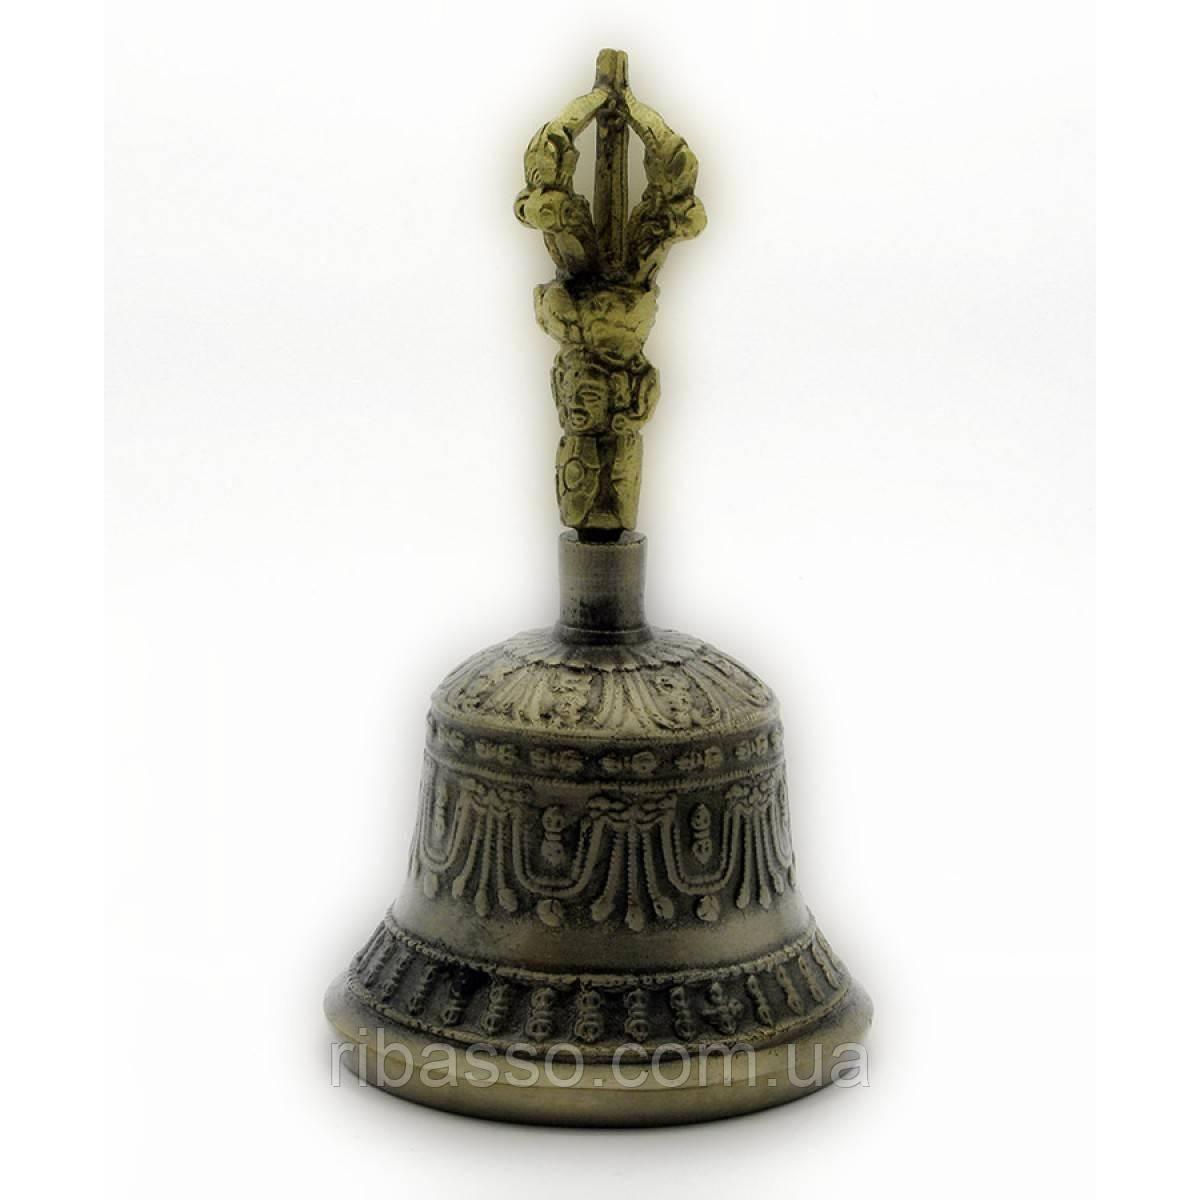 Колокол чакровый бронзовый №2 d-8,h-14.5 см Непал Bell Embose No.2 3210